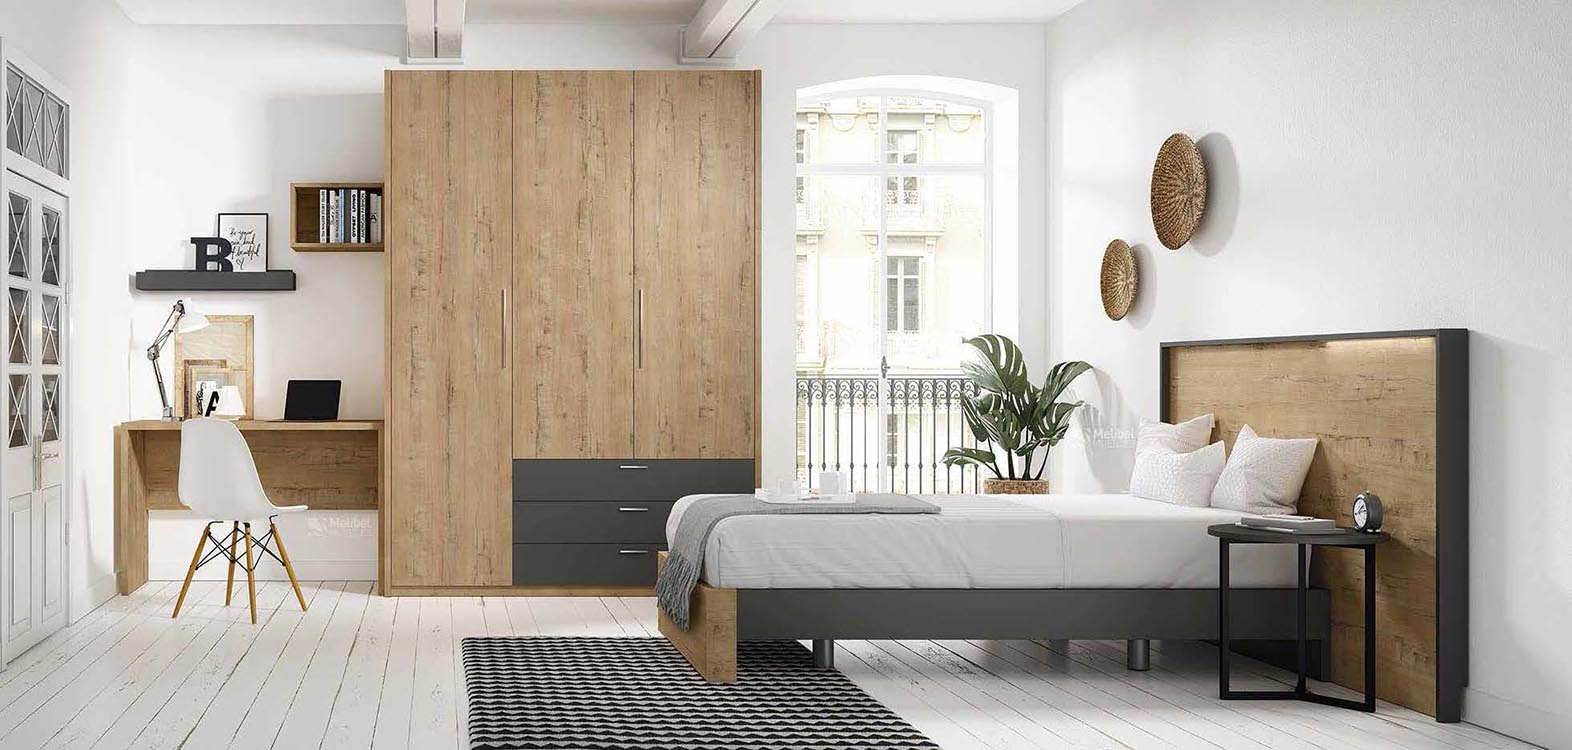 http://www.munozmuebles.net/nueva/catalogo/dormitorios-actuales.html - Módulos  de muebles clásicos